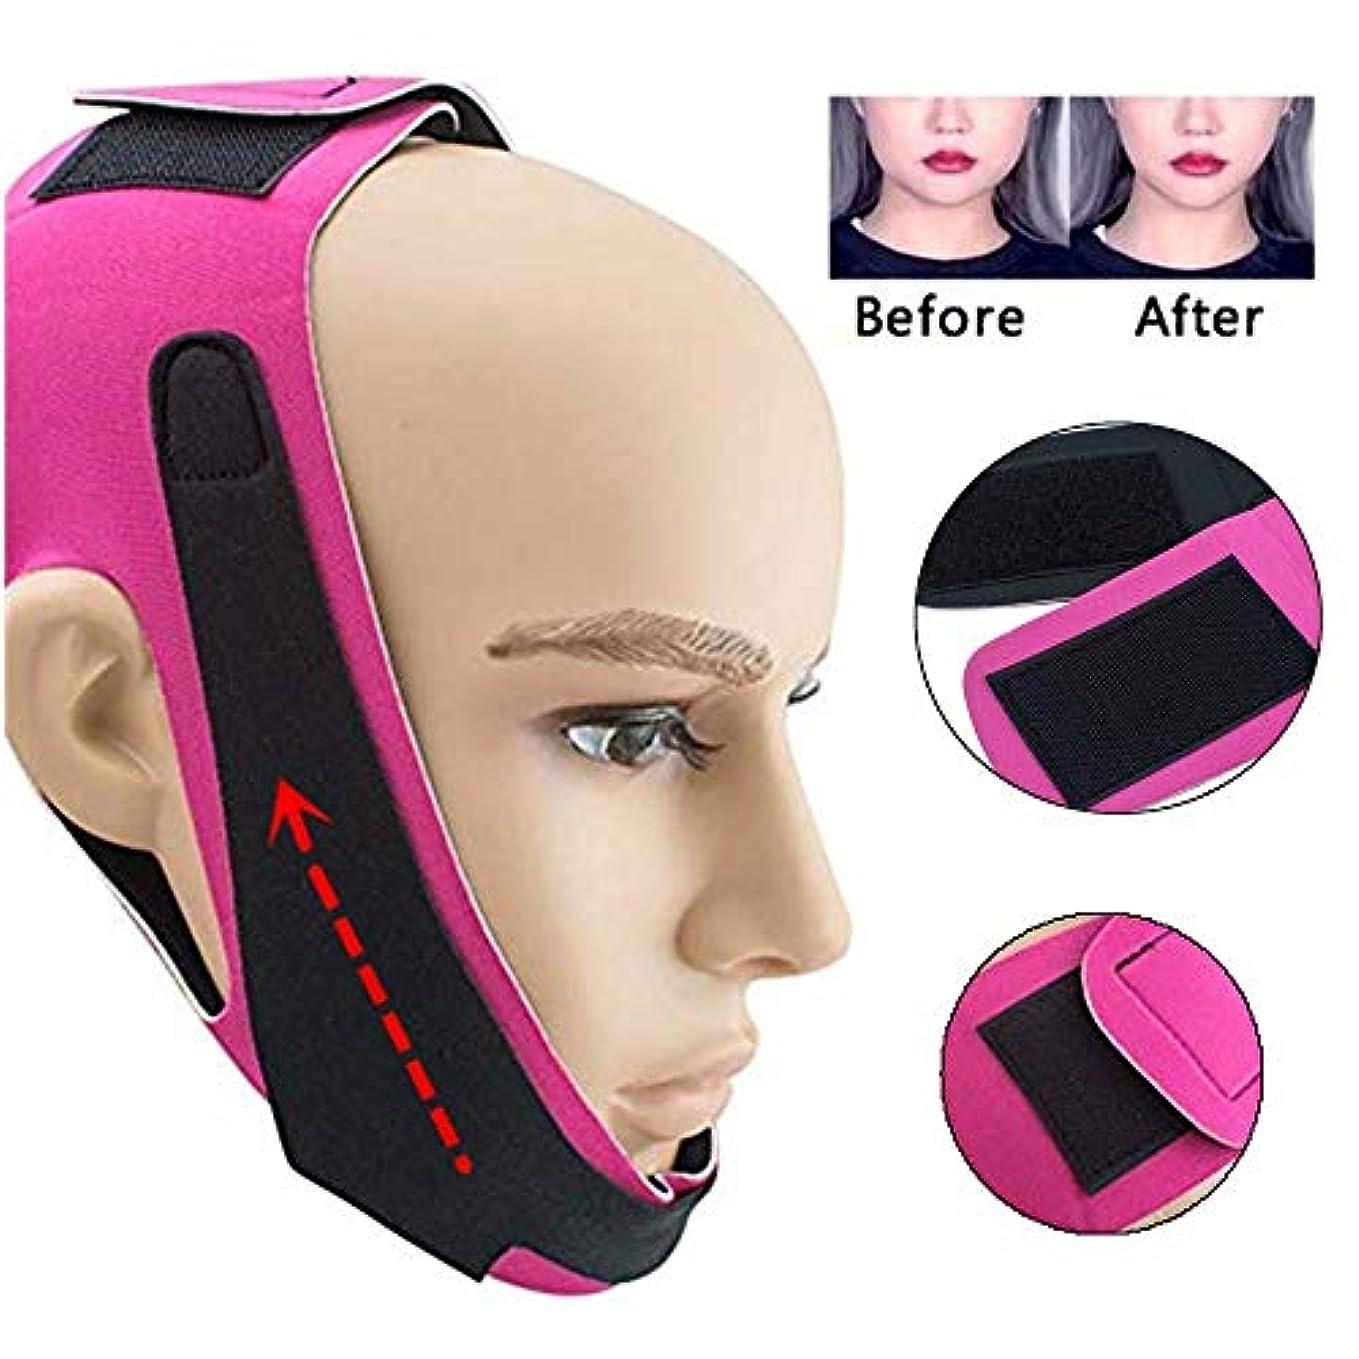 雰囲気振る舞い解放Thin Face Bandage Face Slimmer Get Rid Of Double Chin Create V-Line Face Shapes Chin Cheek Lift Up Anti Wrinkle...